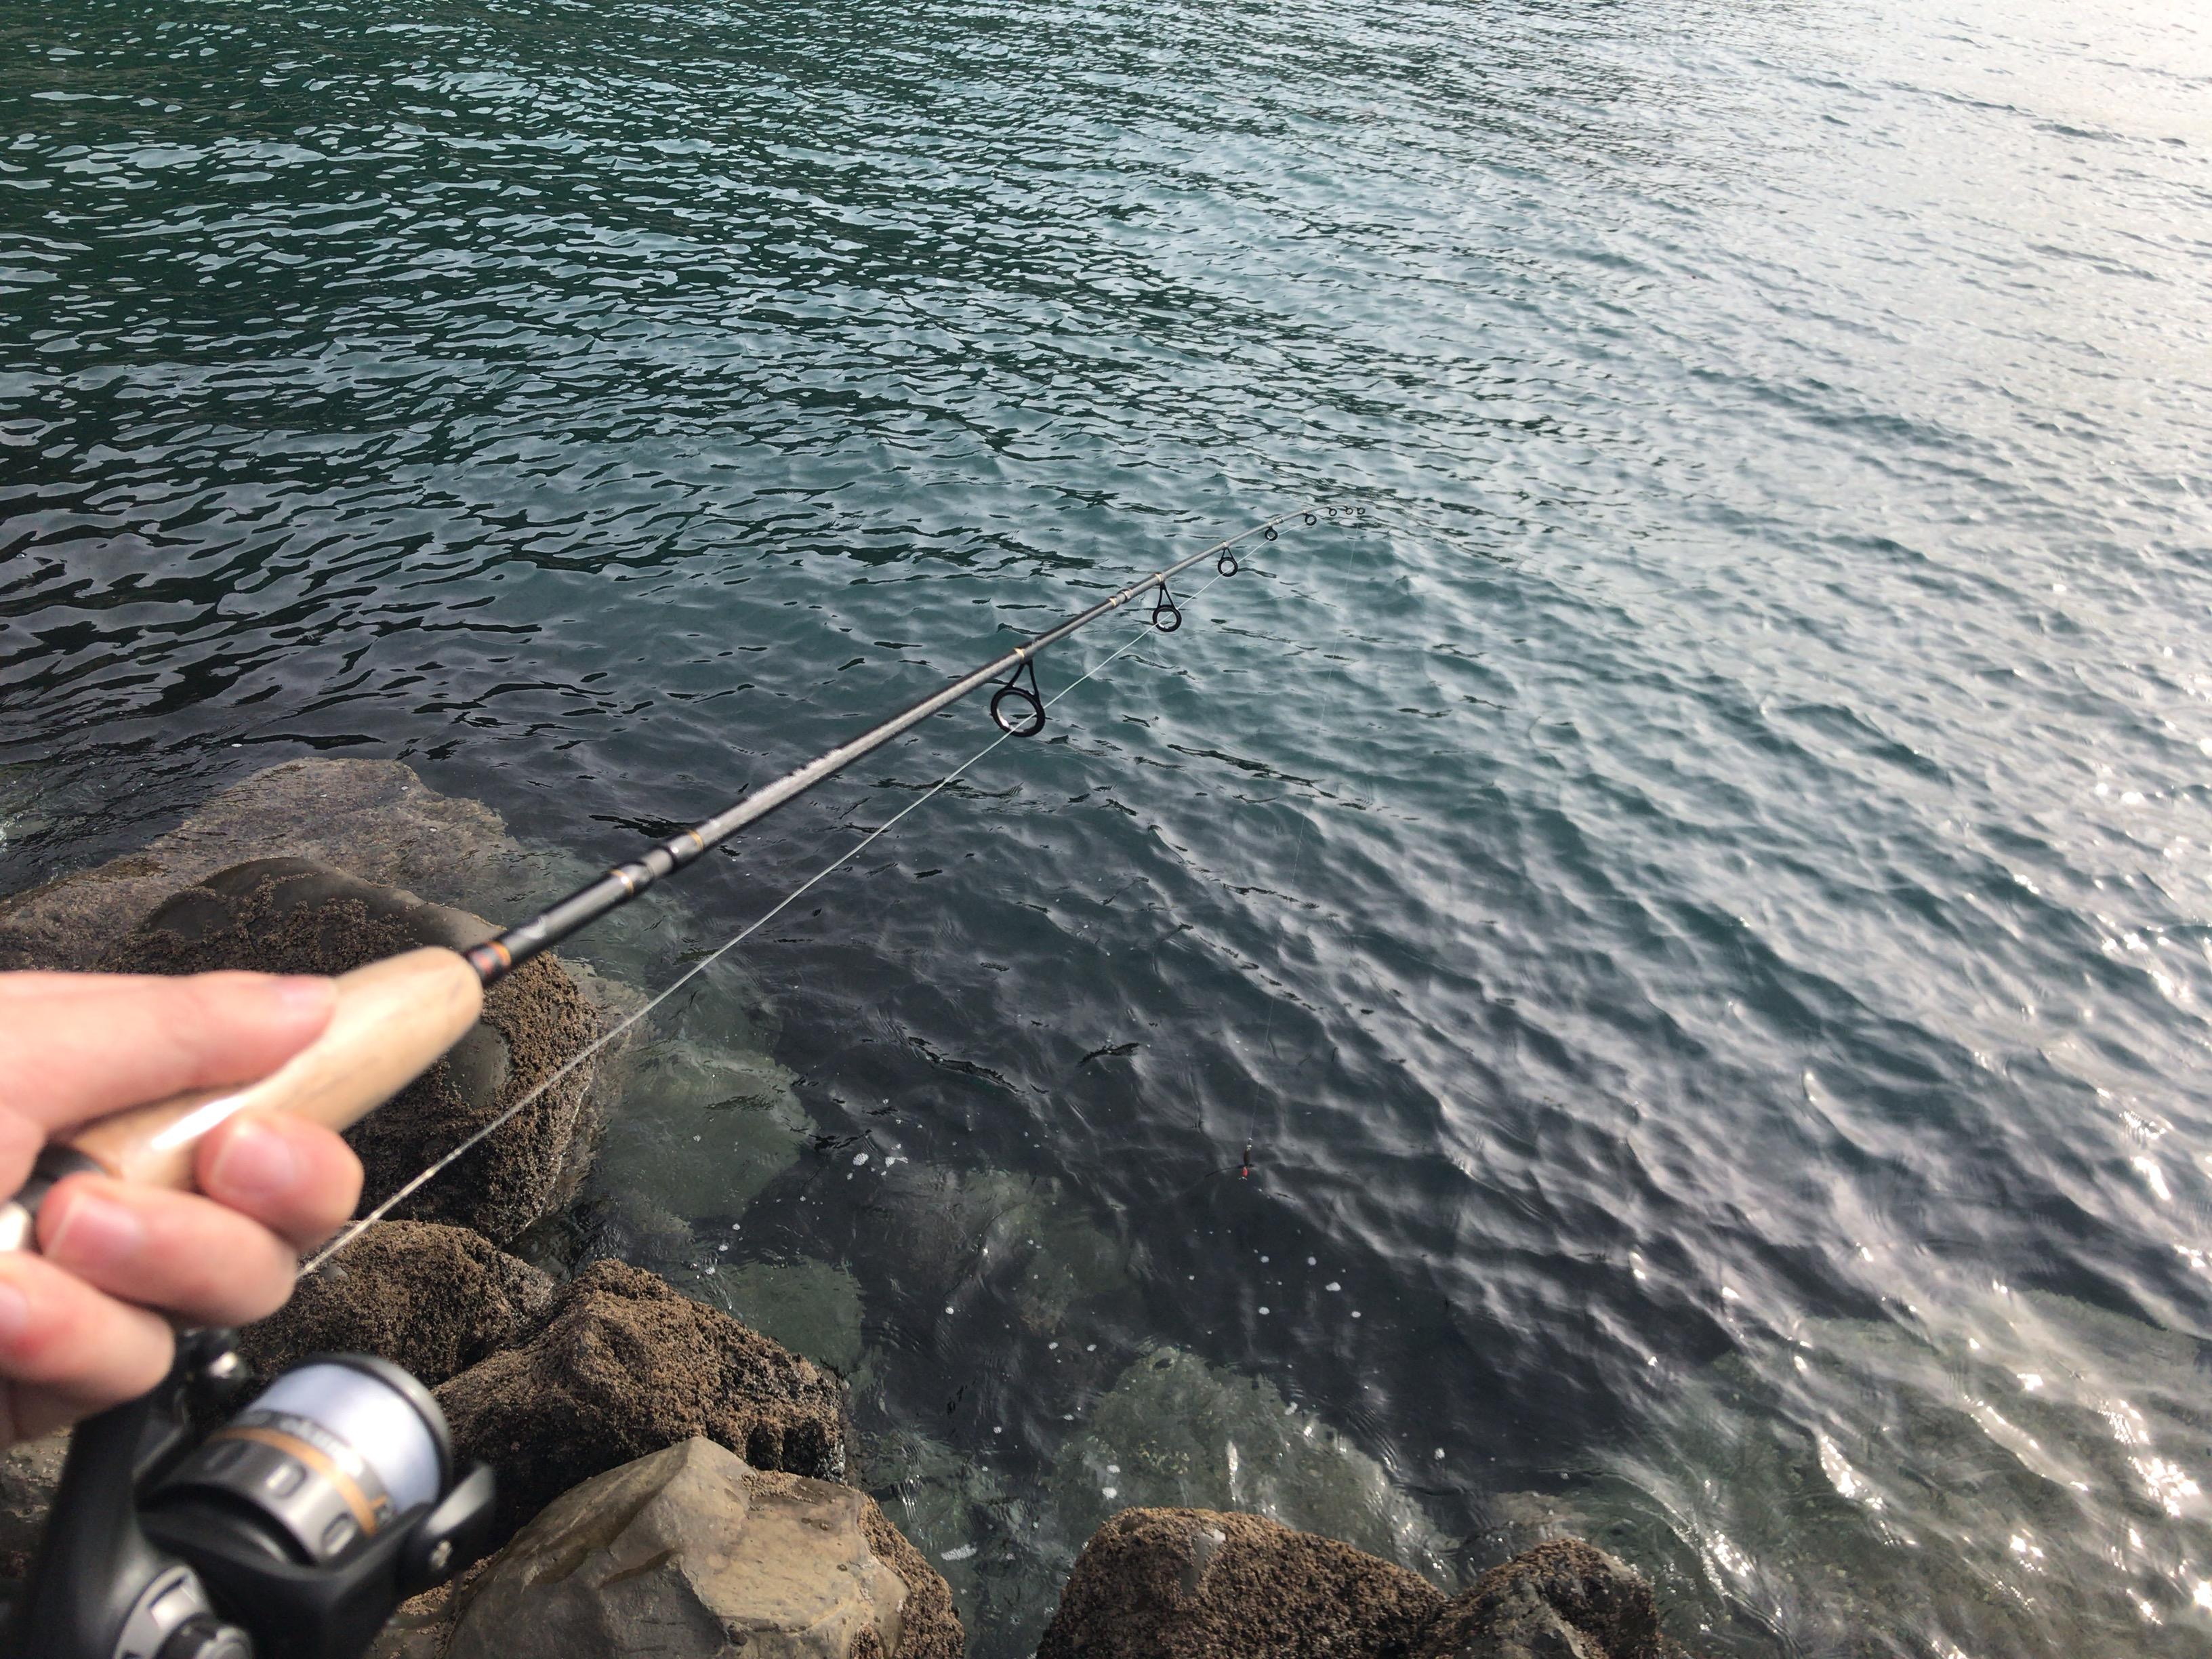 【2019年 ニュージーランド 釣り記】ウェリントン ROSENEATHにて釣りしてみた結果